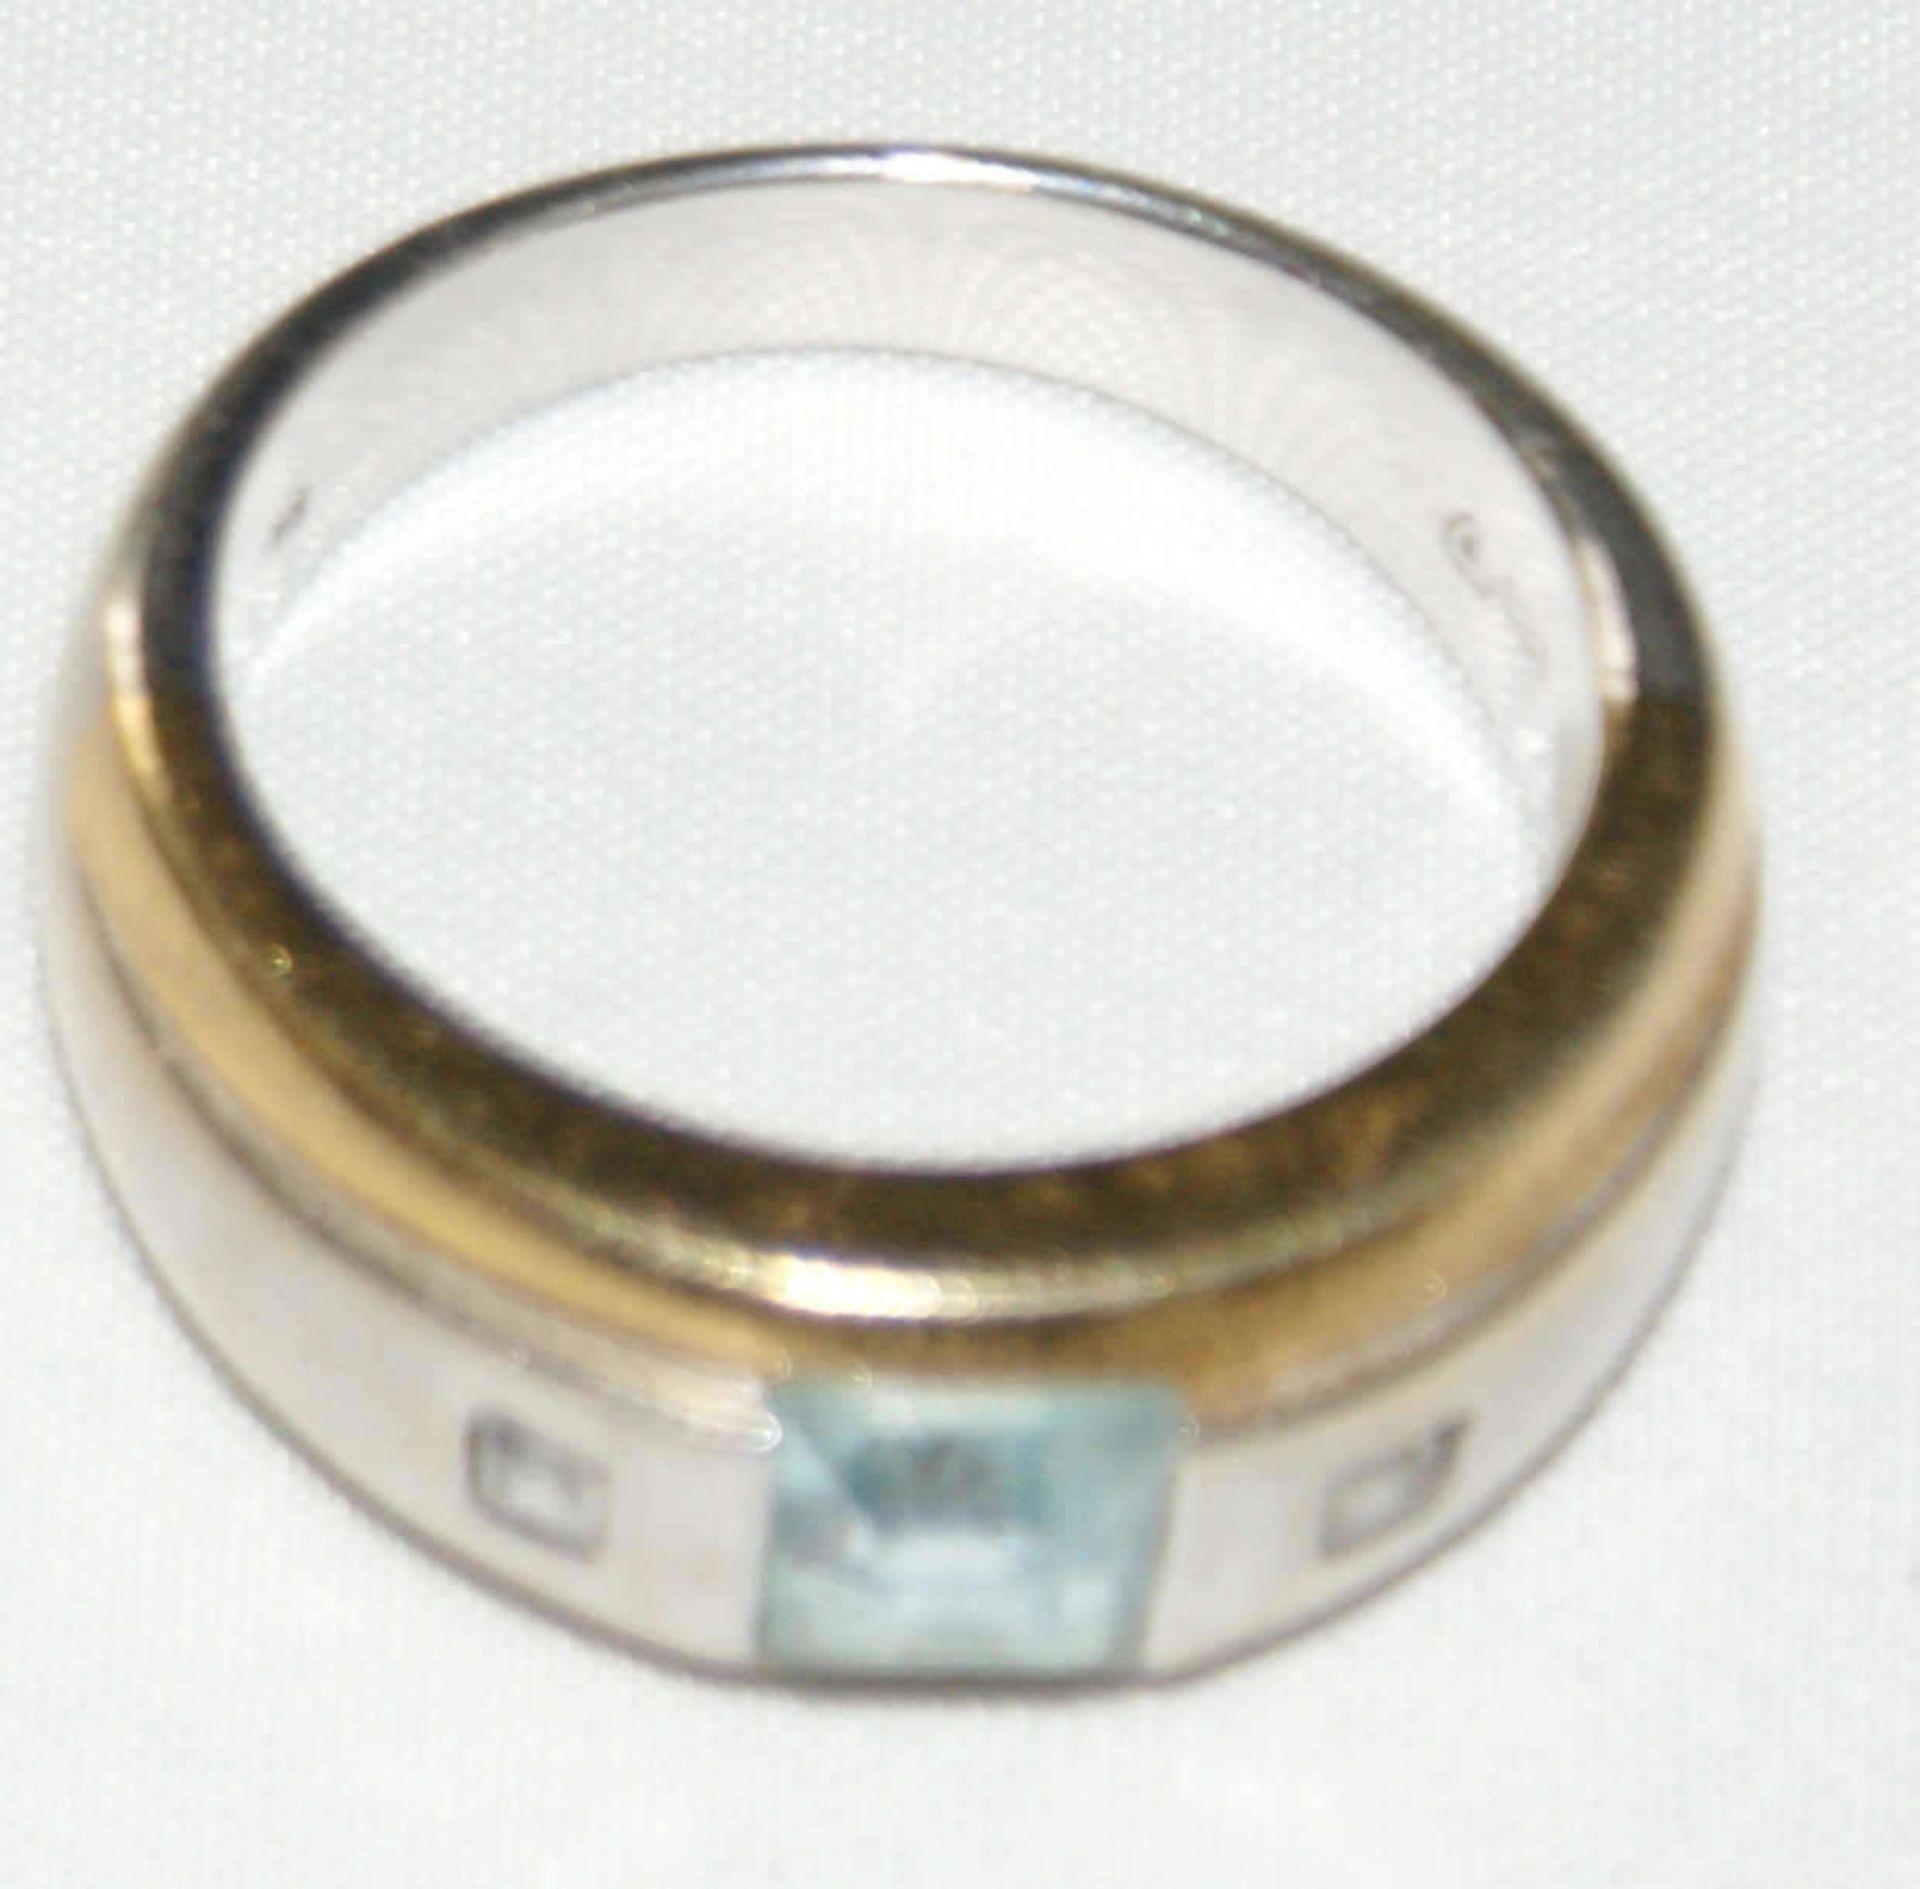 Damenring, 333er Gelbgold, bicolor, besetzt mit 1 Aquamarin, flankiert von 2 Zirkonia. Ringgröße 54, - Bild 2 aus 3